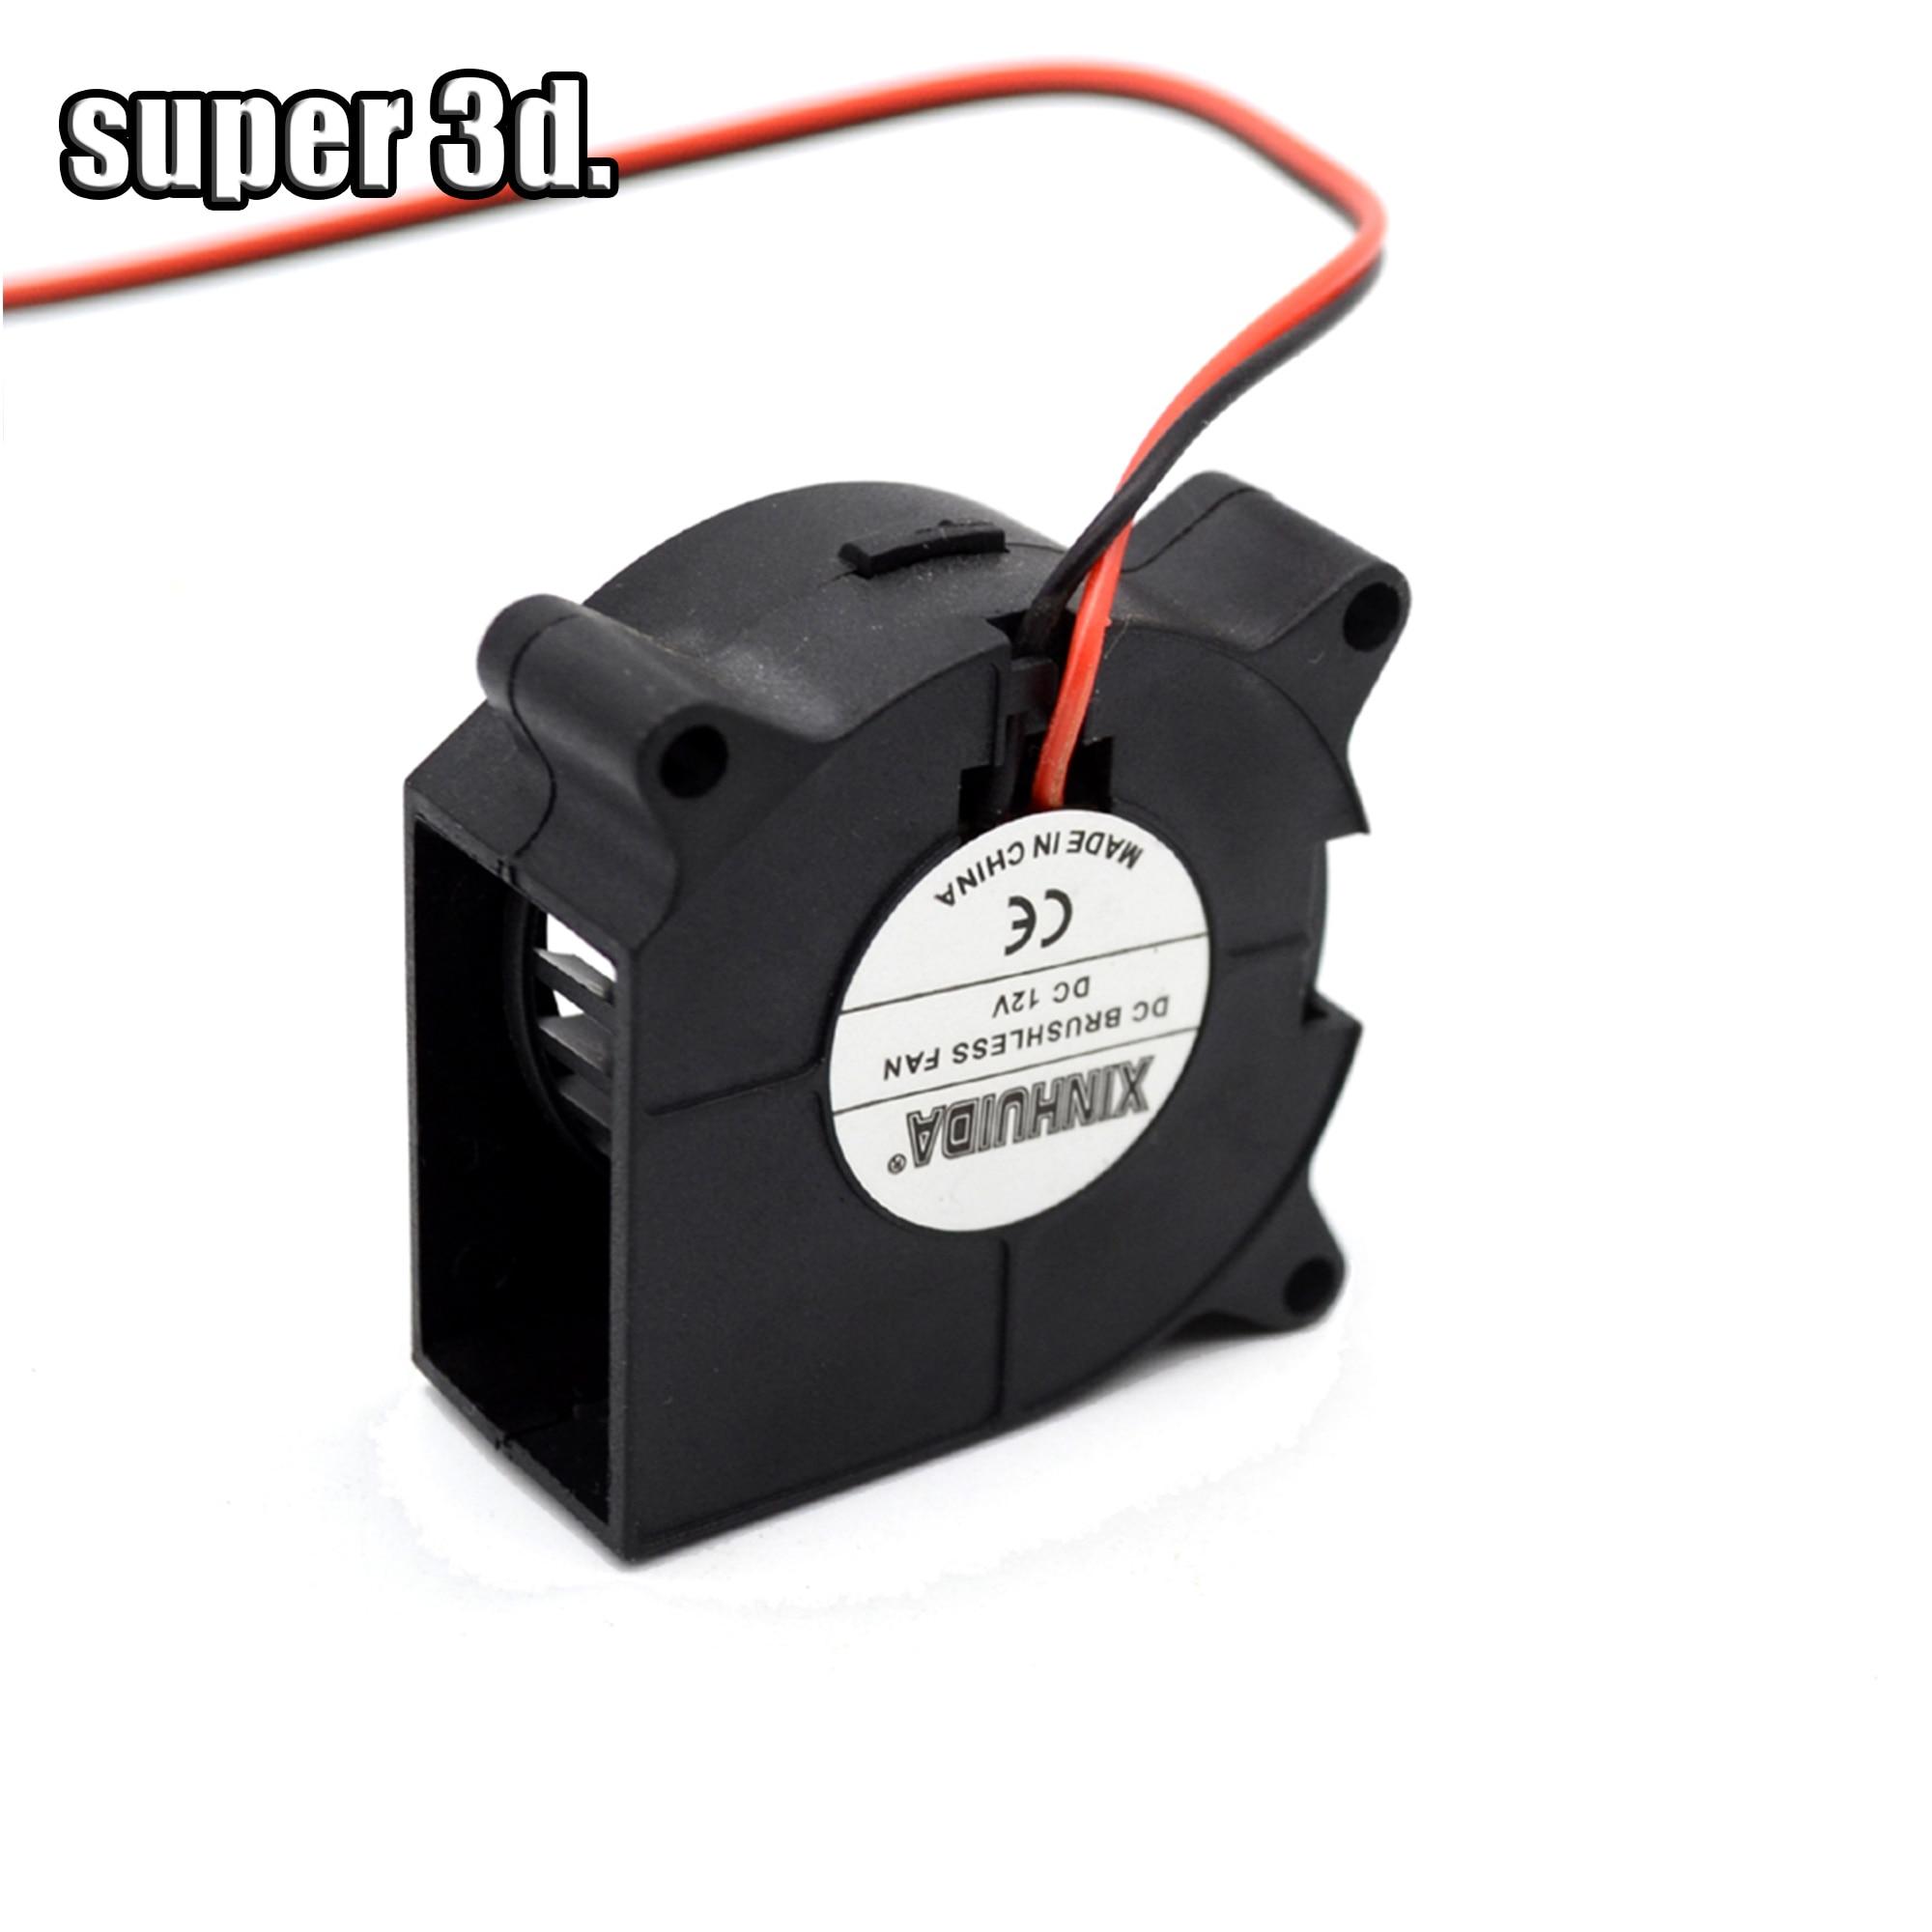 1 Pcs 4020 Blower Turbo Cooling Fan  Brushless 40x40x20mm DC 12V&24V 3D Printer Radial Fans Blower For J-head Hotend Reprap